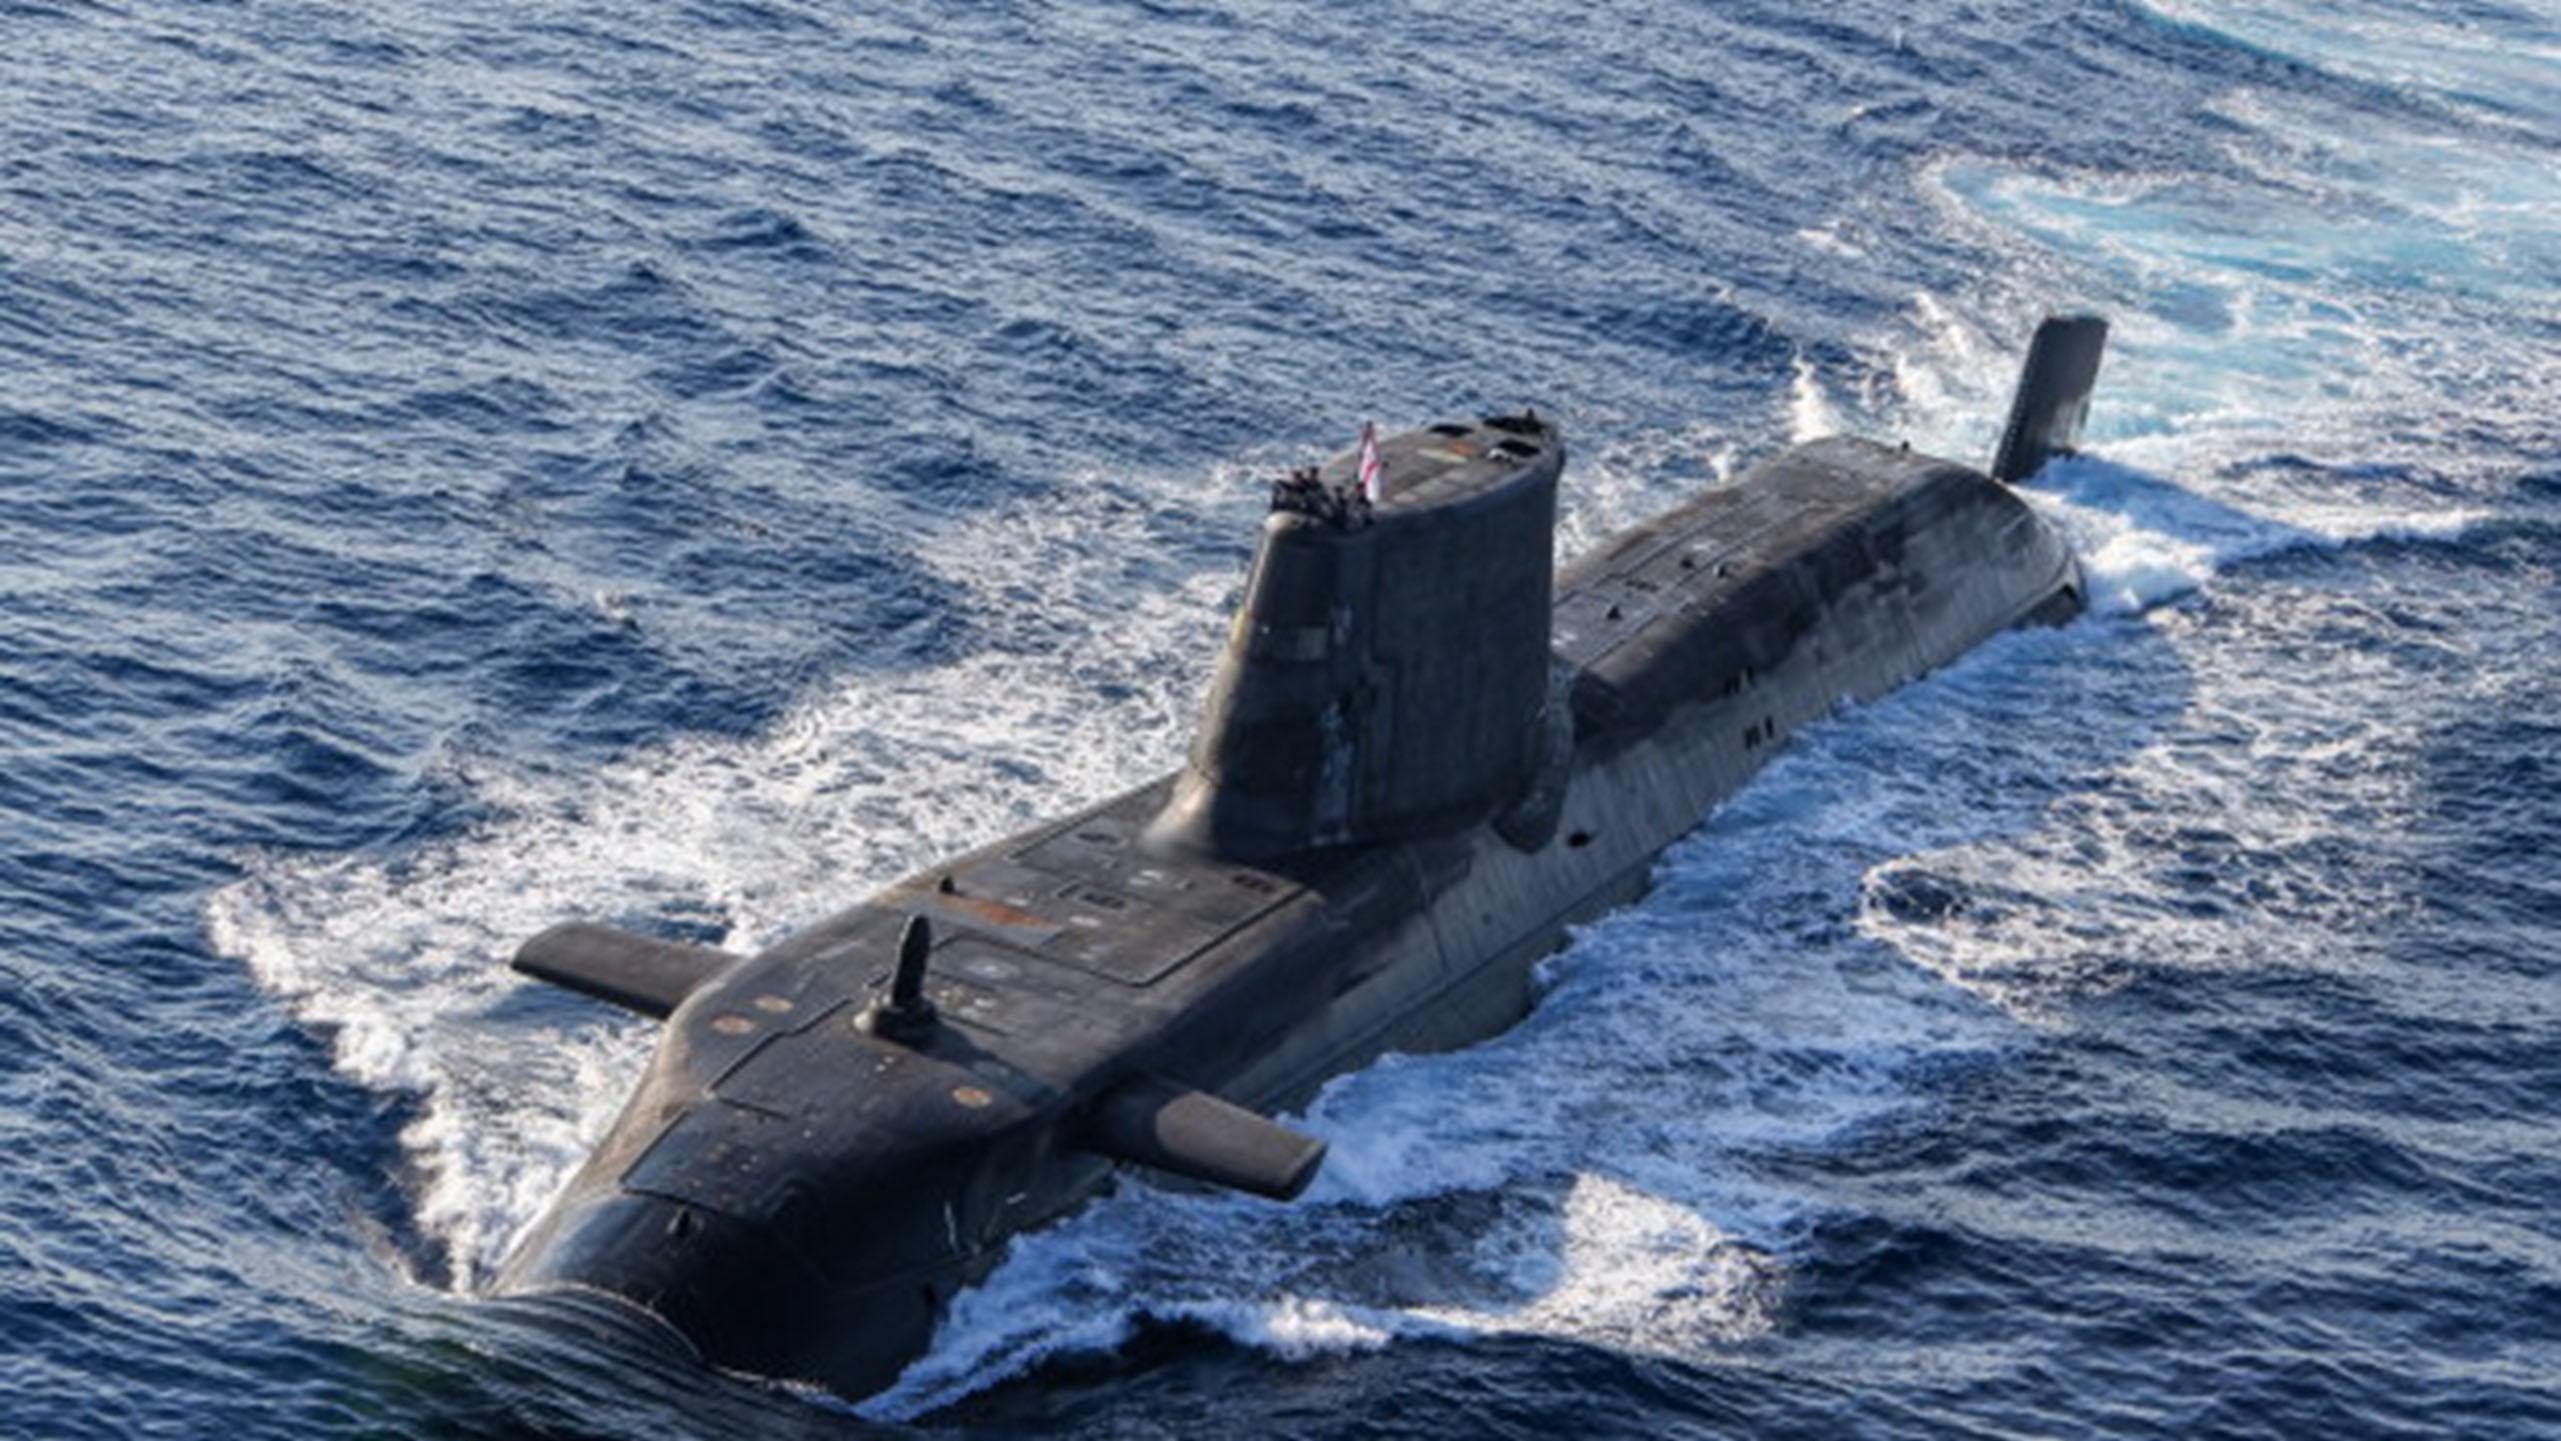 英国阿斯图特级(Astute-class)核潜艇是澳大利亚发展核潜艇的可能型号。(英国皇家海军)